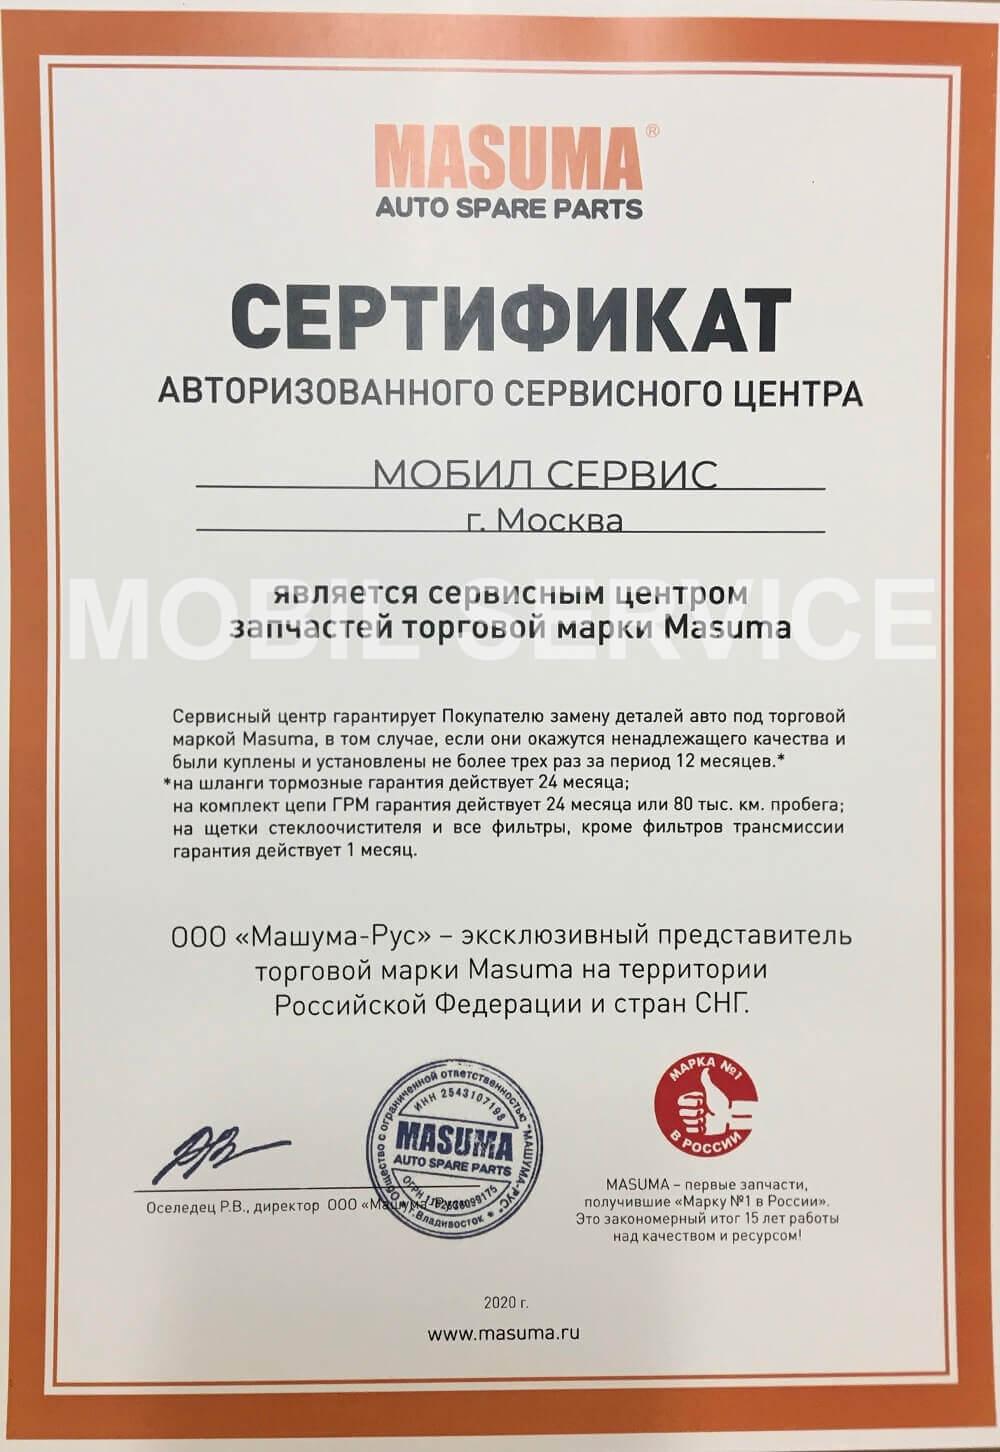 Сертификат MASUMA авторизованный сервис